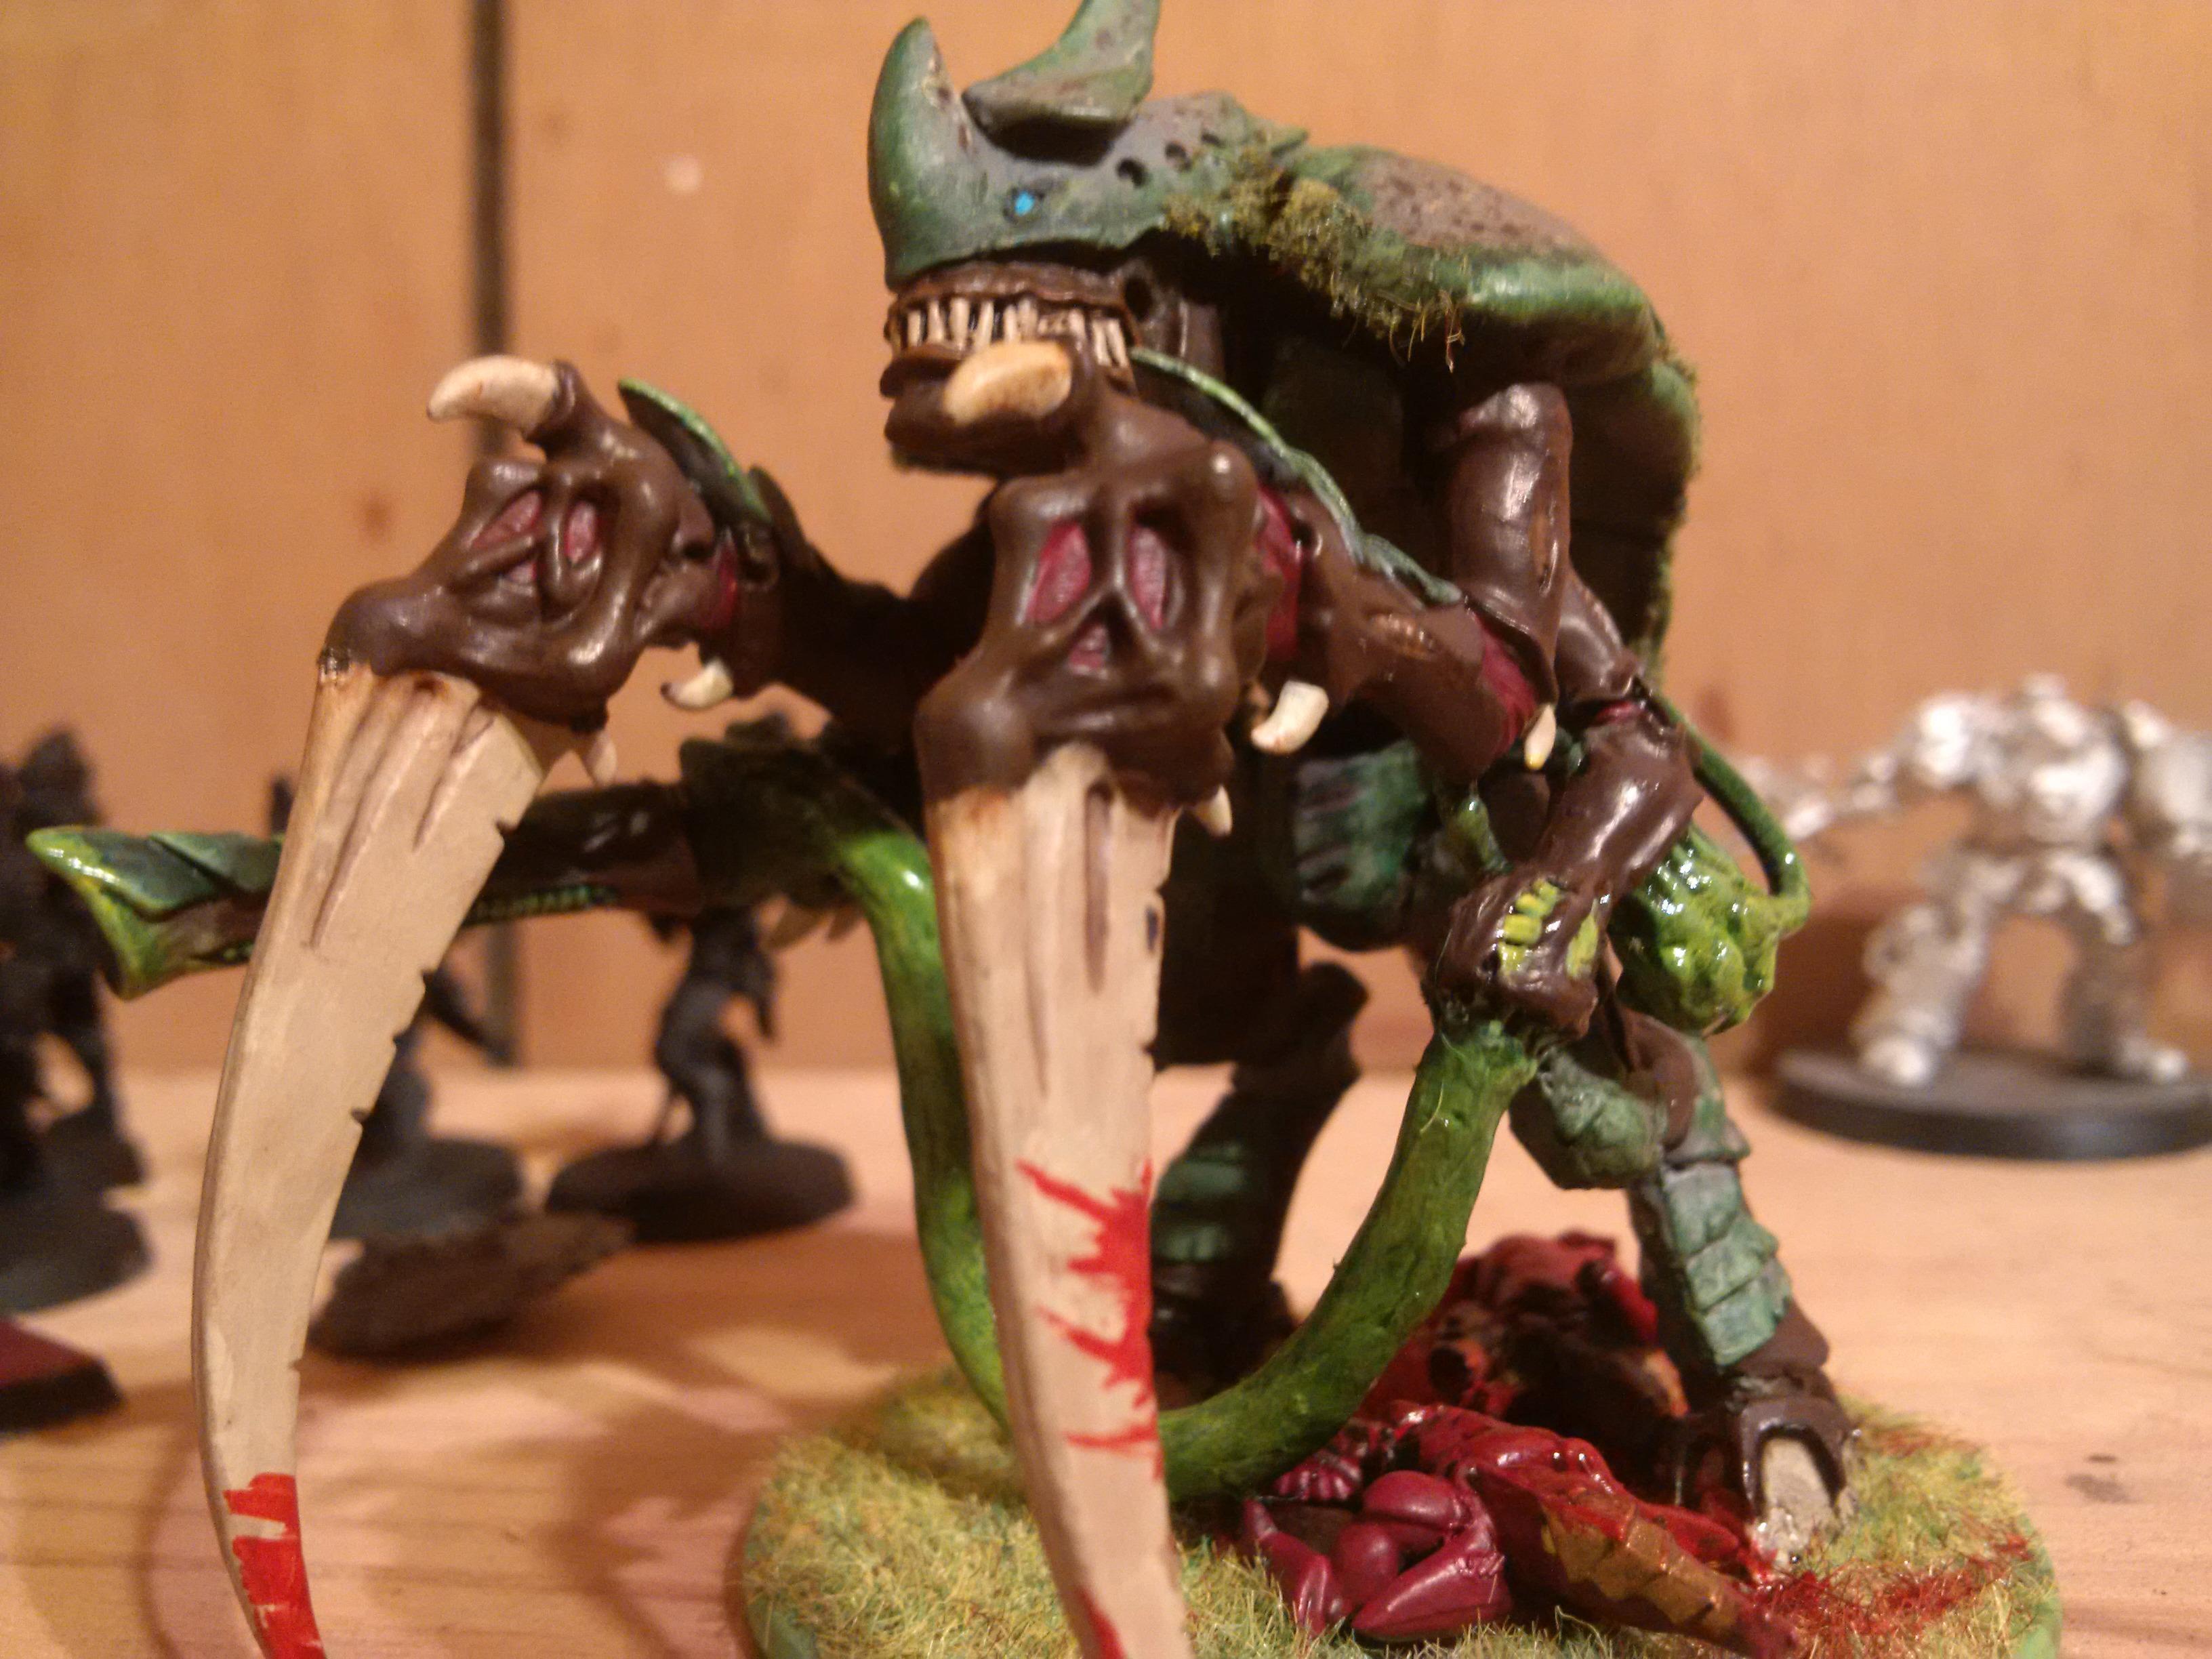 Carnifex, Greenstuff, Jungle, Tyranids